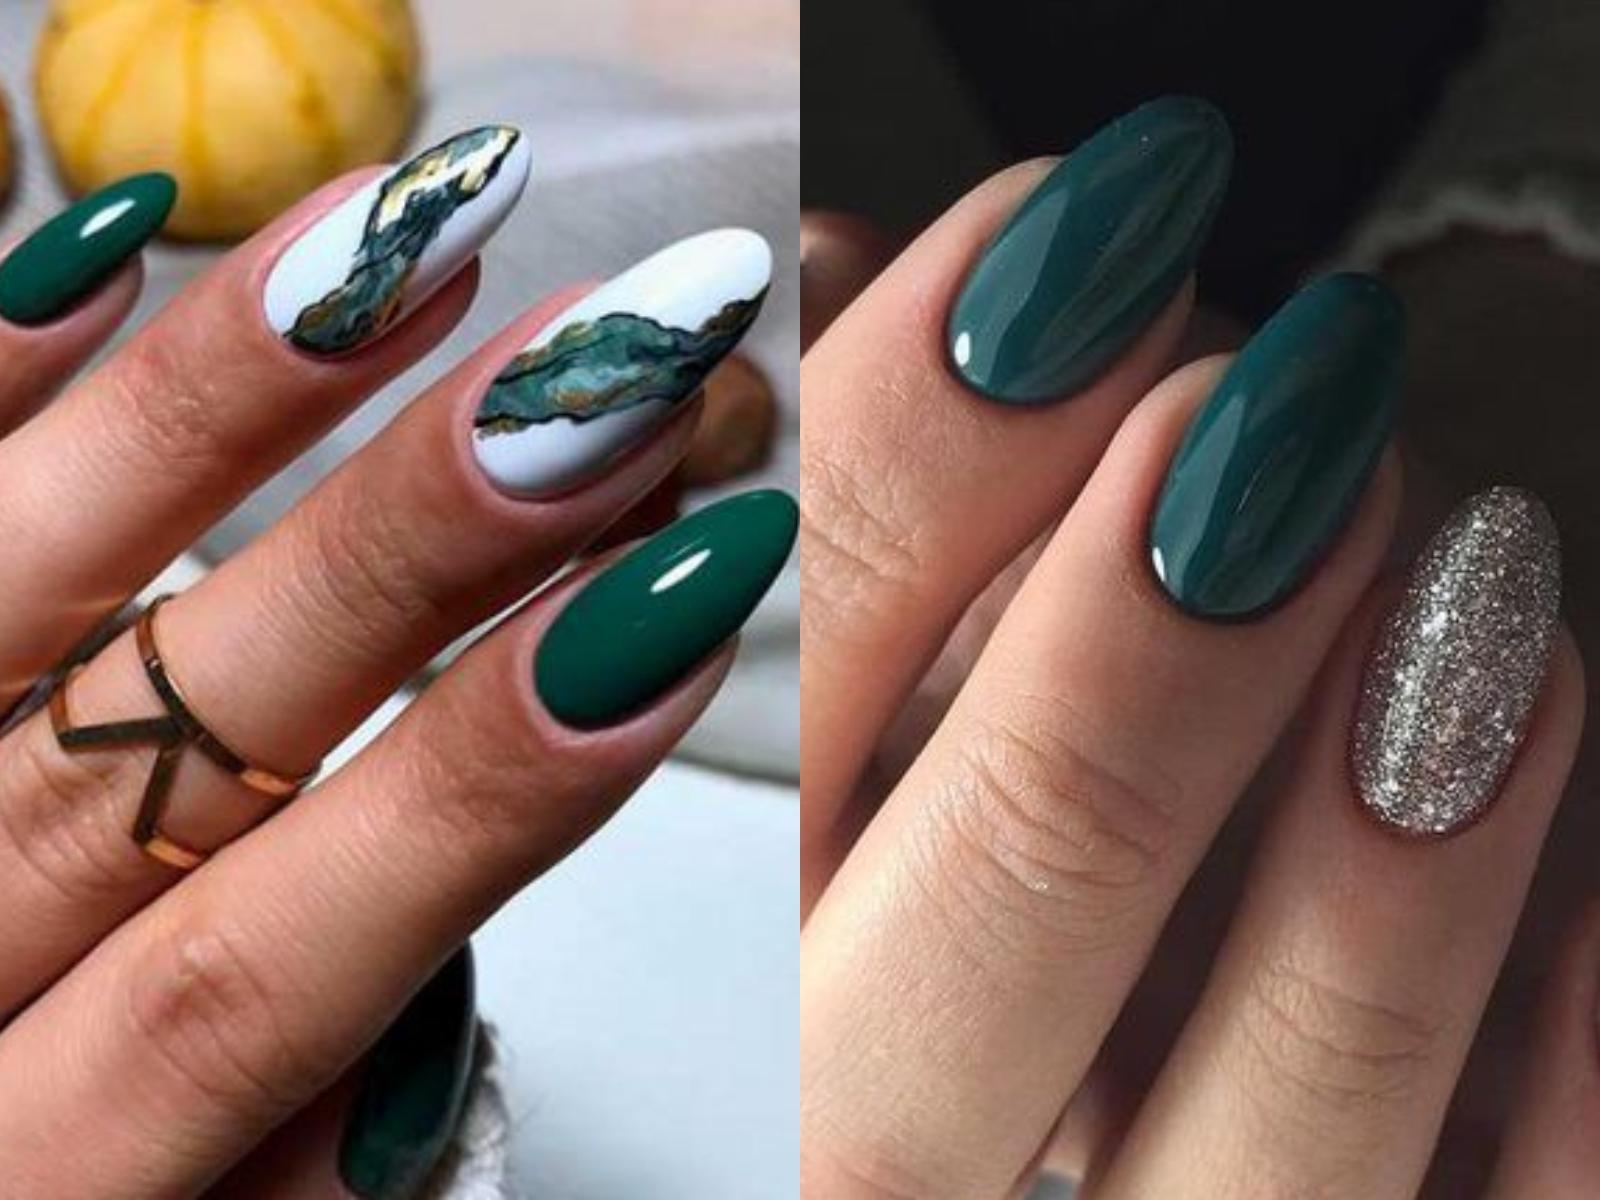 τάσεις-στα-νύχια-σε-κυπαρισσί-χρώμα-χειμώνας-2021 2022-